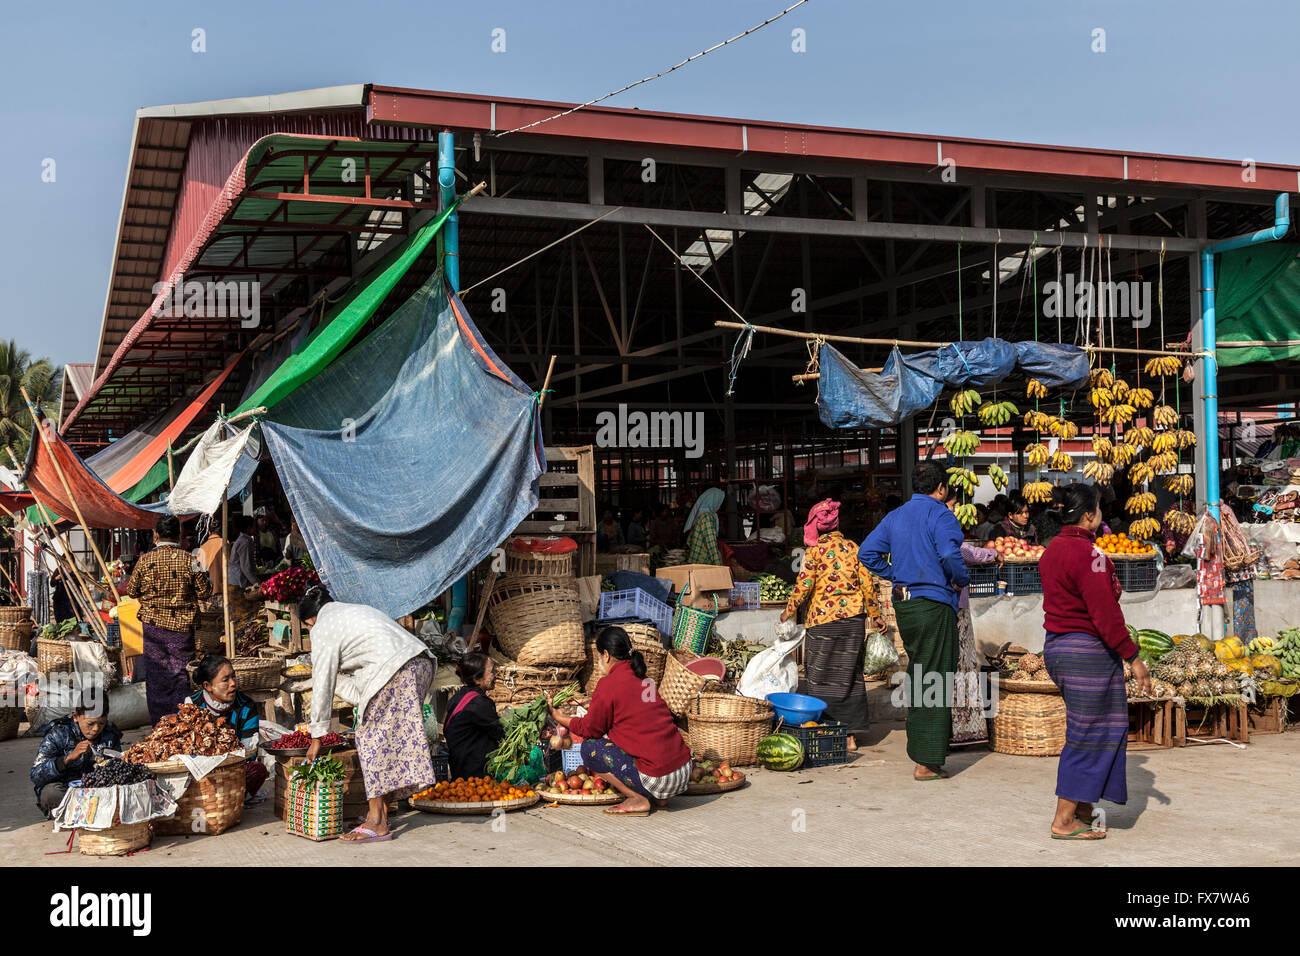 Markthalle in Neu-Bagan (Myanmar). Le Marché Couvert de New Bagan (Birmanie). Stockbild